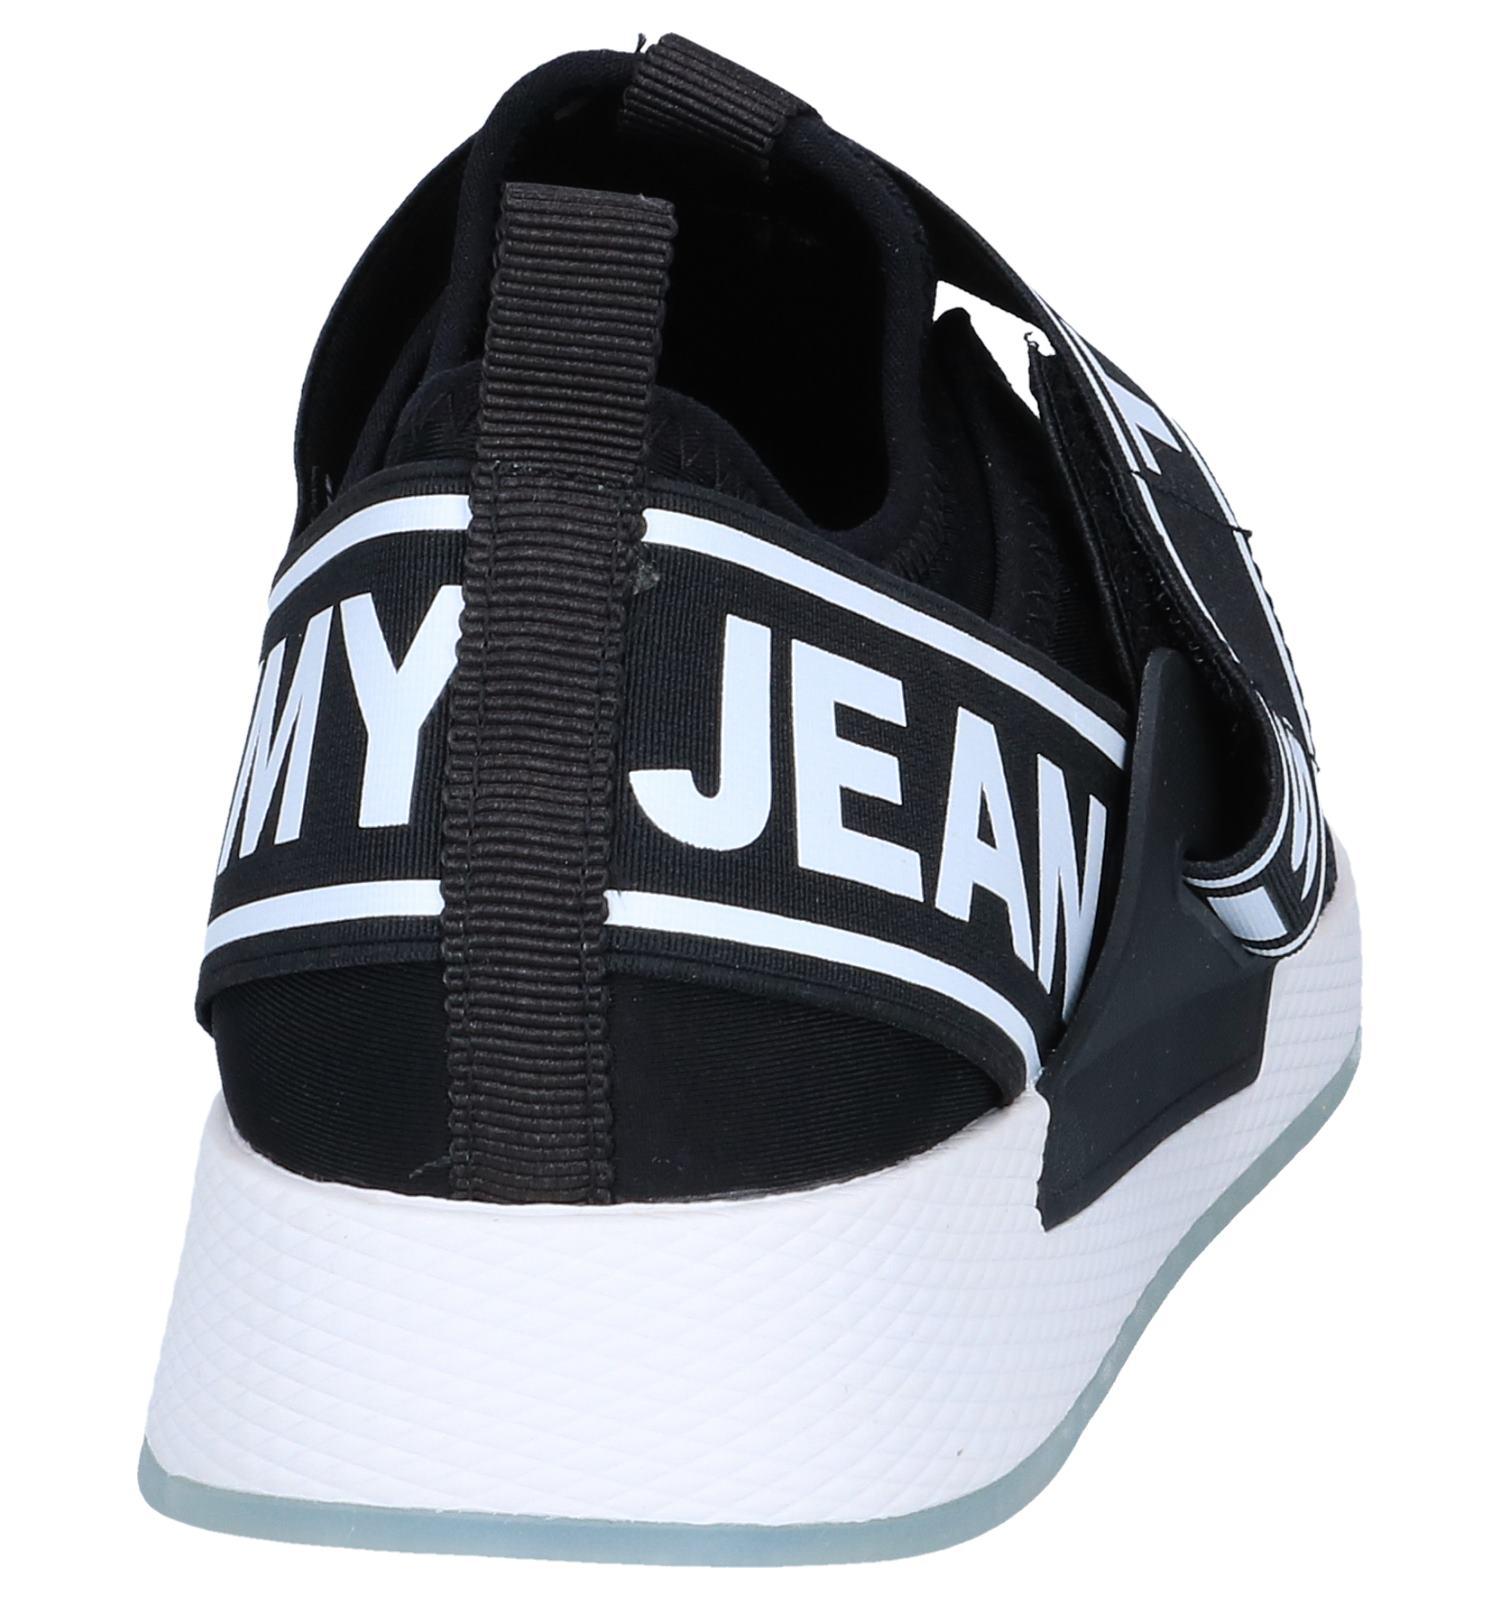 Sneakers Slip on Hilfiger Zwarte Jeans Tommy ON0P8wnkX